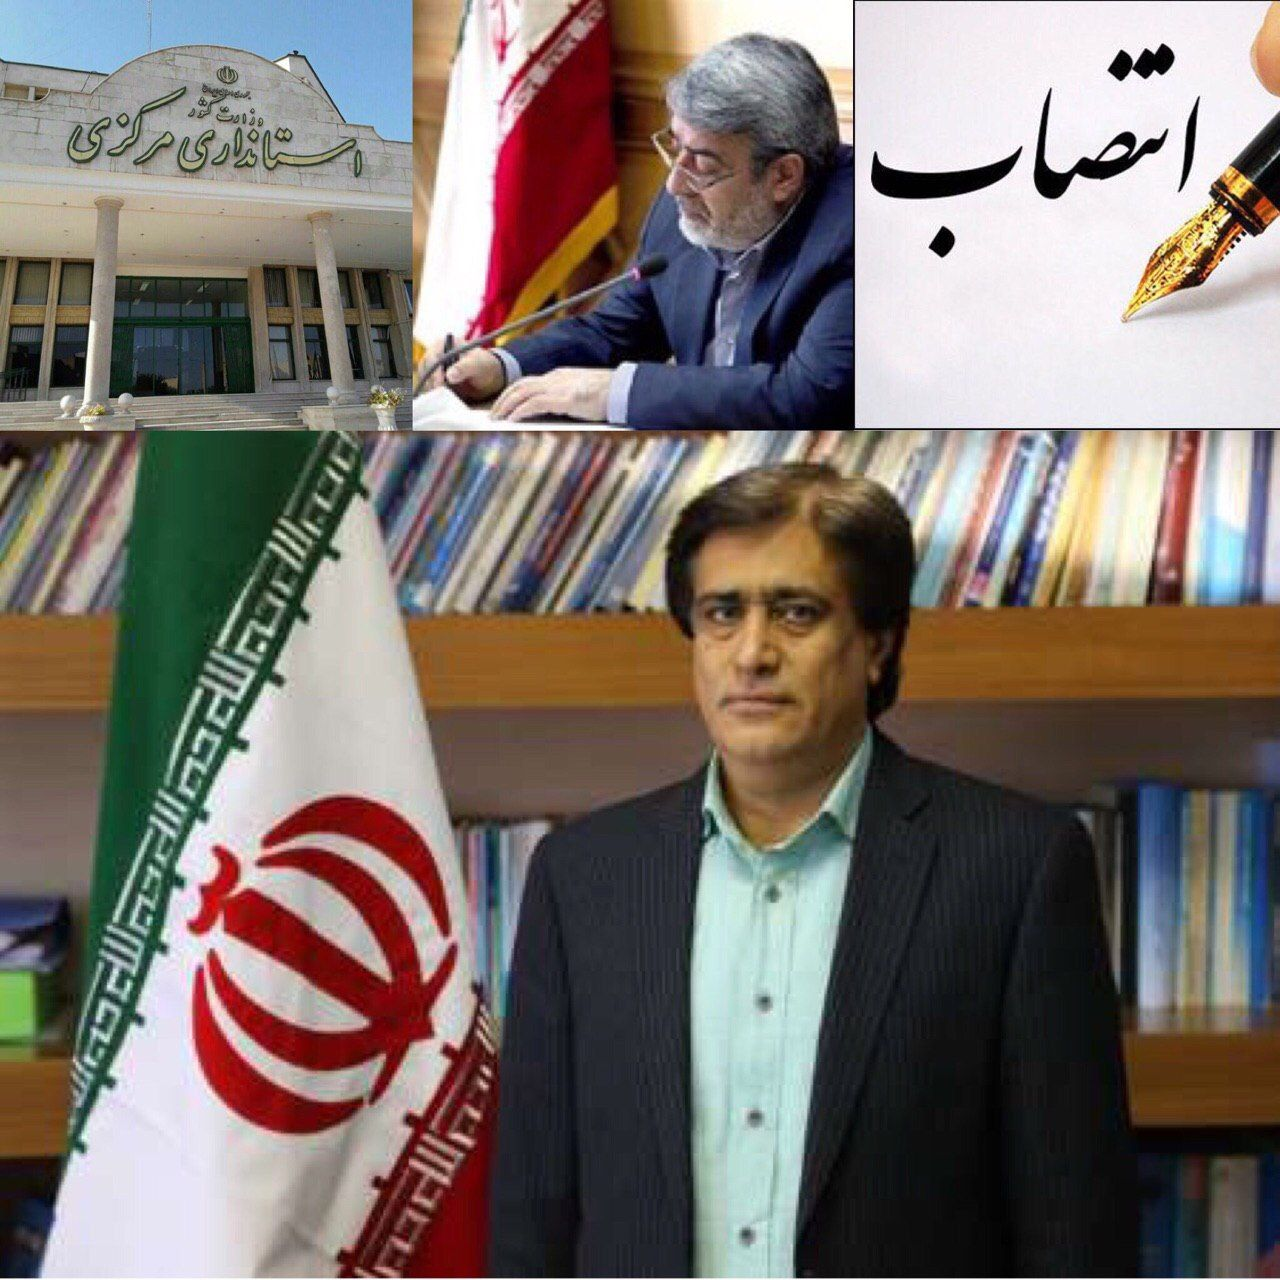 بهروز اكرمي معاون سیاسی، امنیتی و اجتماعی استانداری مرکزی شد